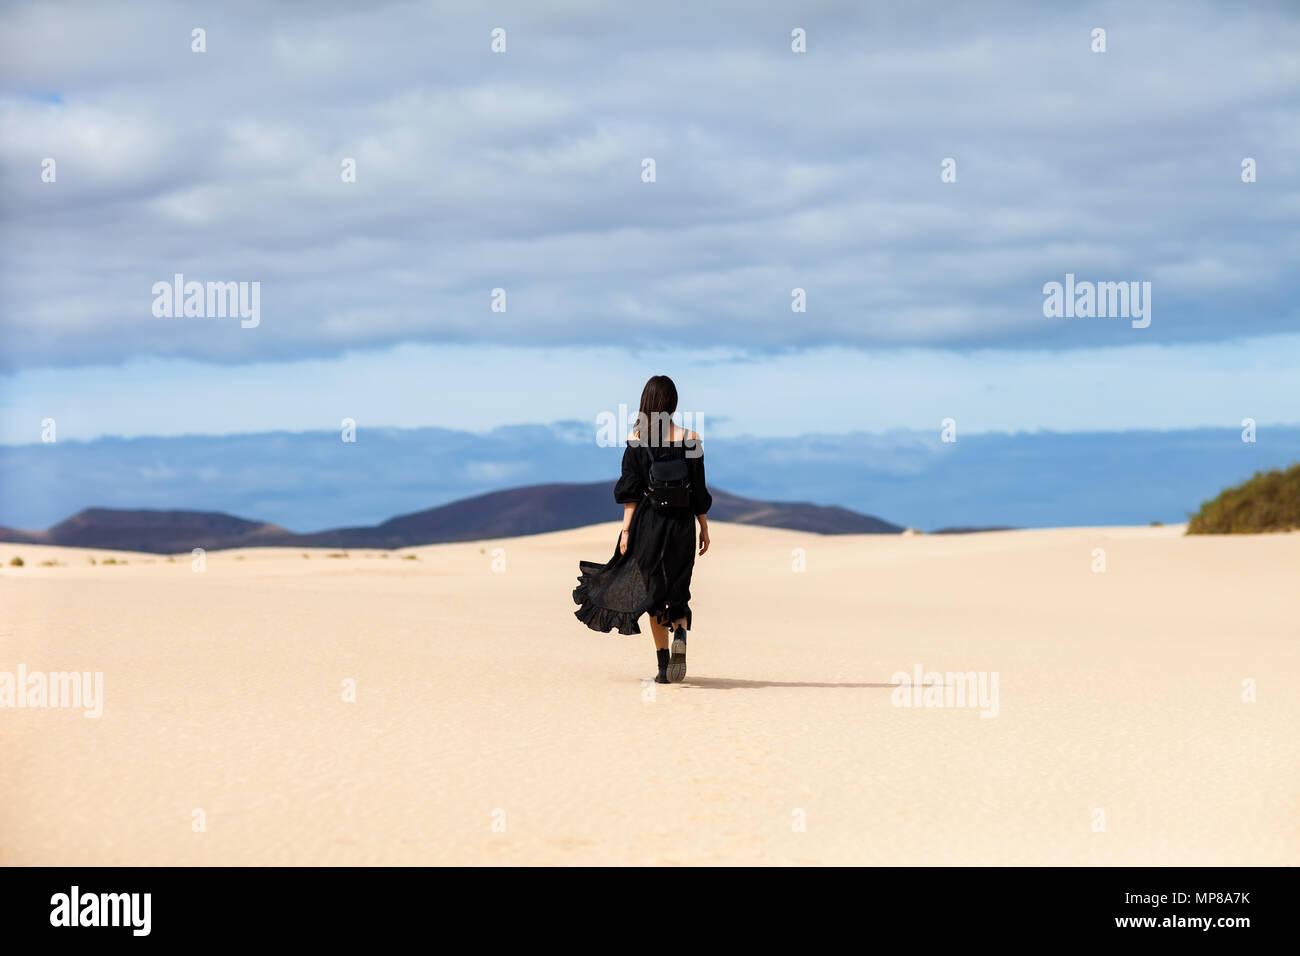 Longitud total retrato de mujer solitaria camina lejos en el desierto, en las Islas Canarias. Concepto de viaje Imagen De Stock